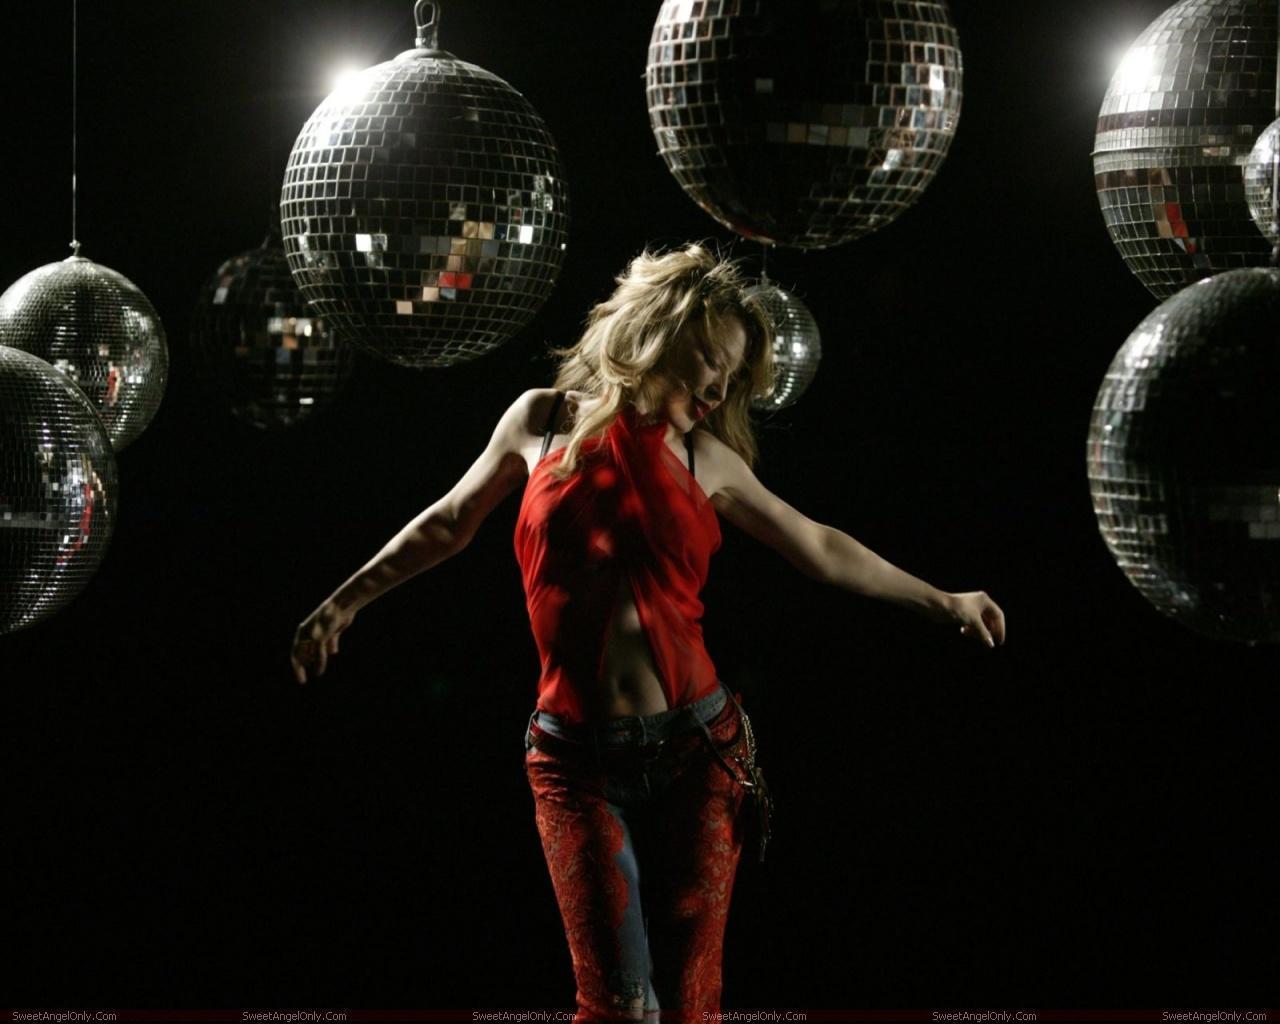 http://3.bp.blogspot.com/-nVLT1PeSxEo/TX-F-CjNZBI/AAAAAAAAFpM/OLEY2Kwbd84/s1600/kylie_minogue_hollywood_hot_actress_wallpaper_sweetangelonly_10.jpg